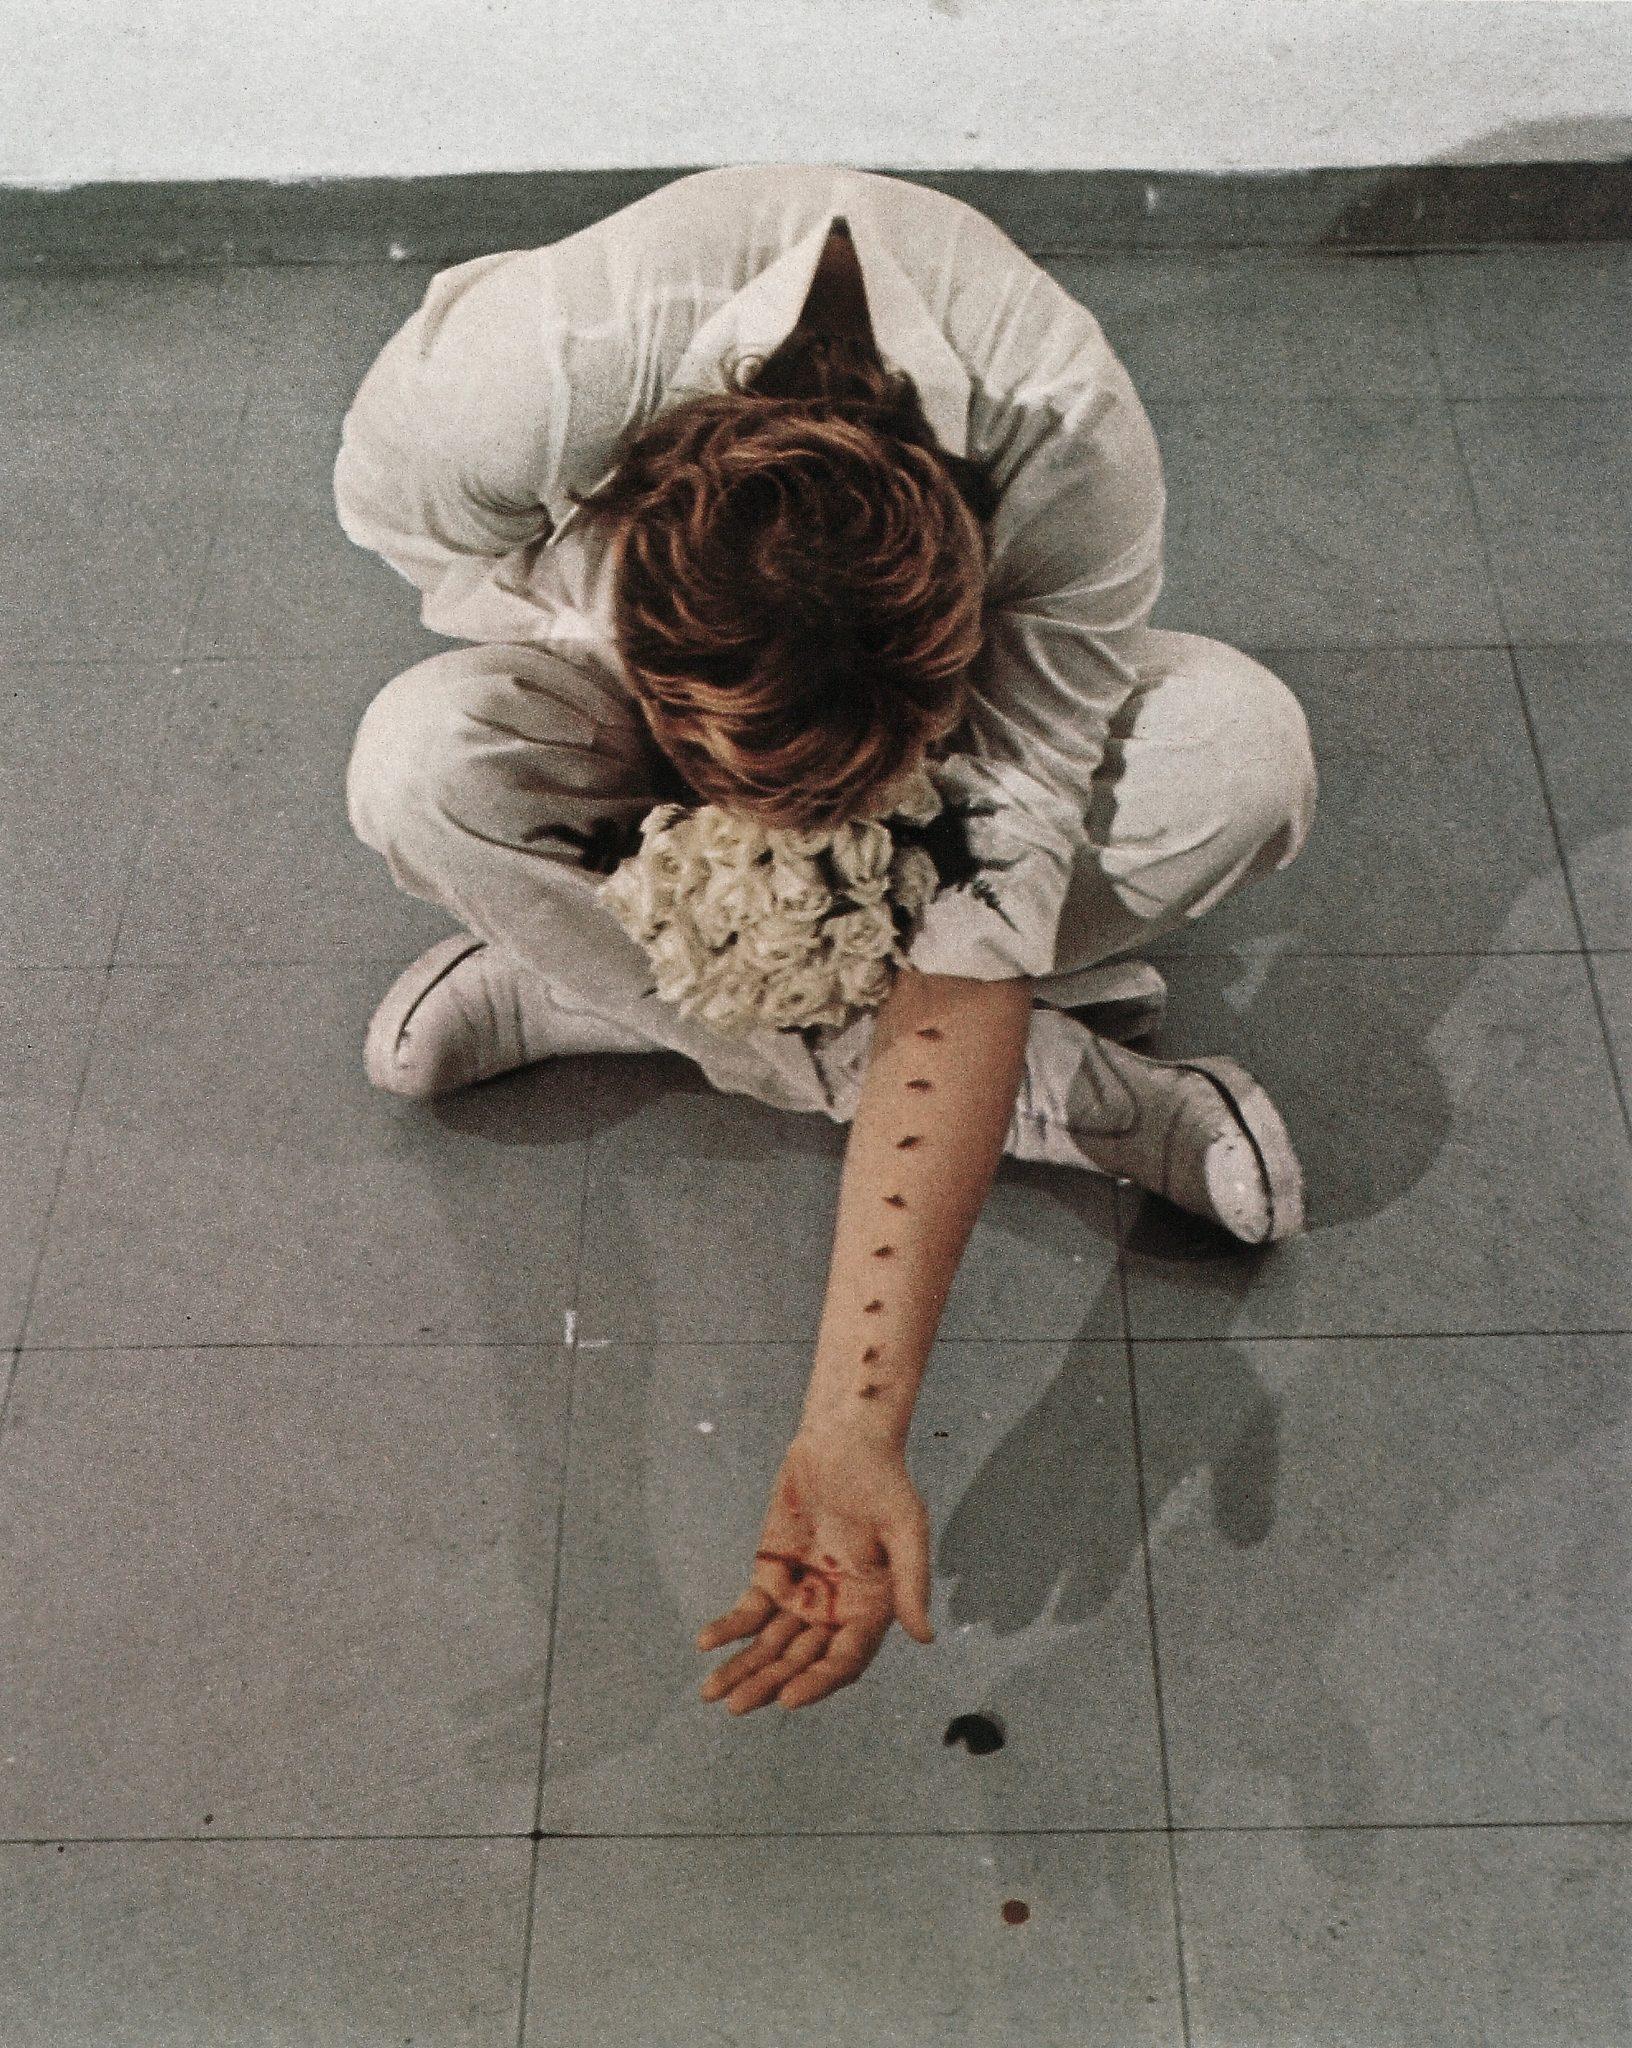 """Arte o pazzia, esiste un limite? La """"follia"""" della performance, da Gina Pane a Vito Acconci"""